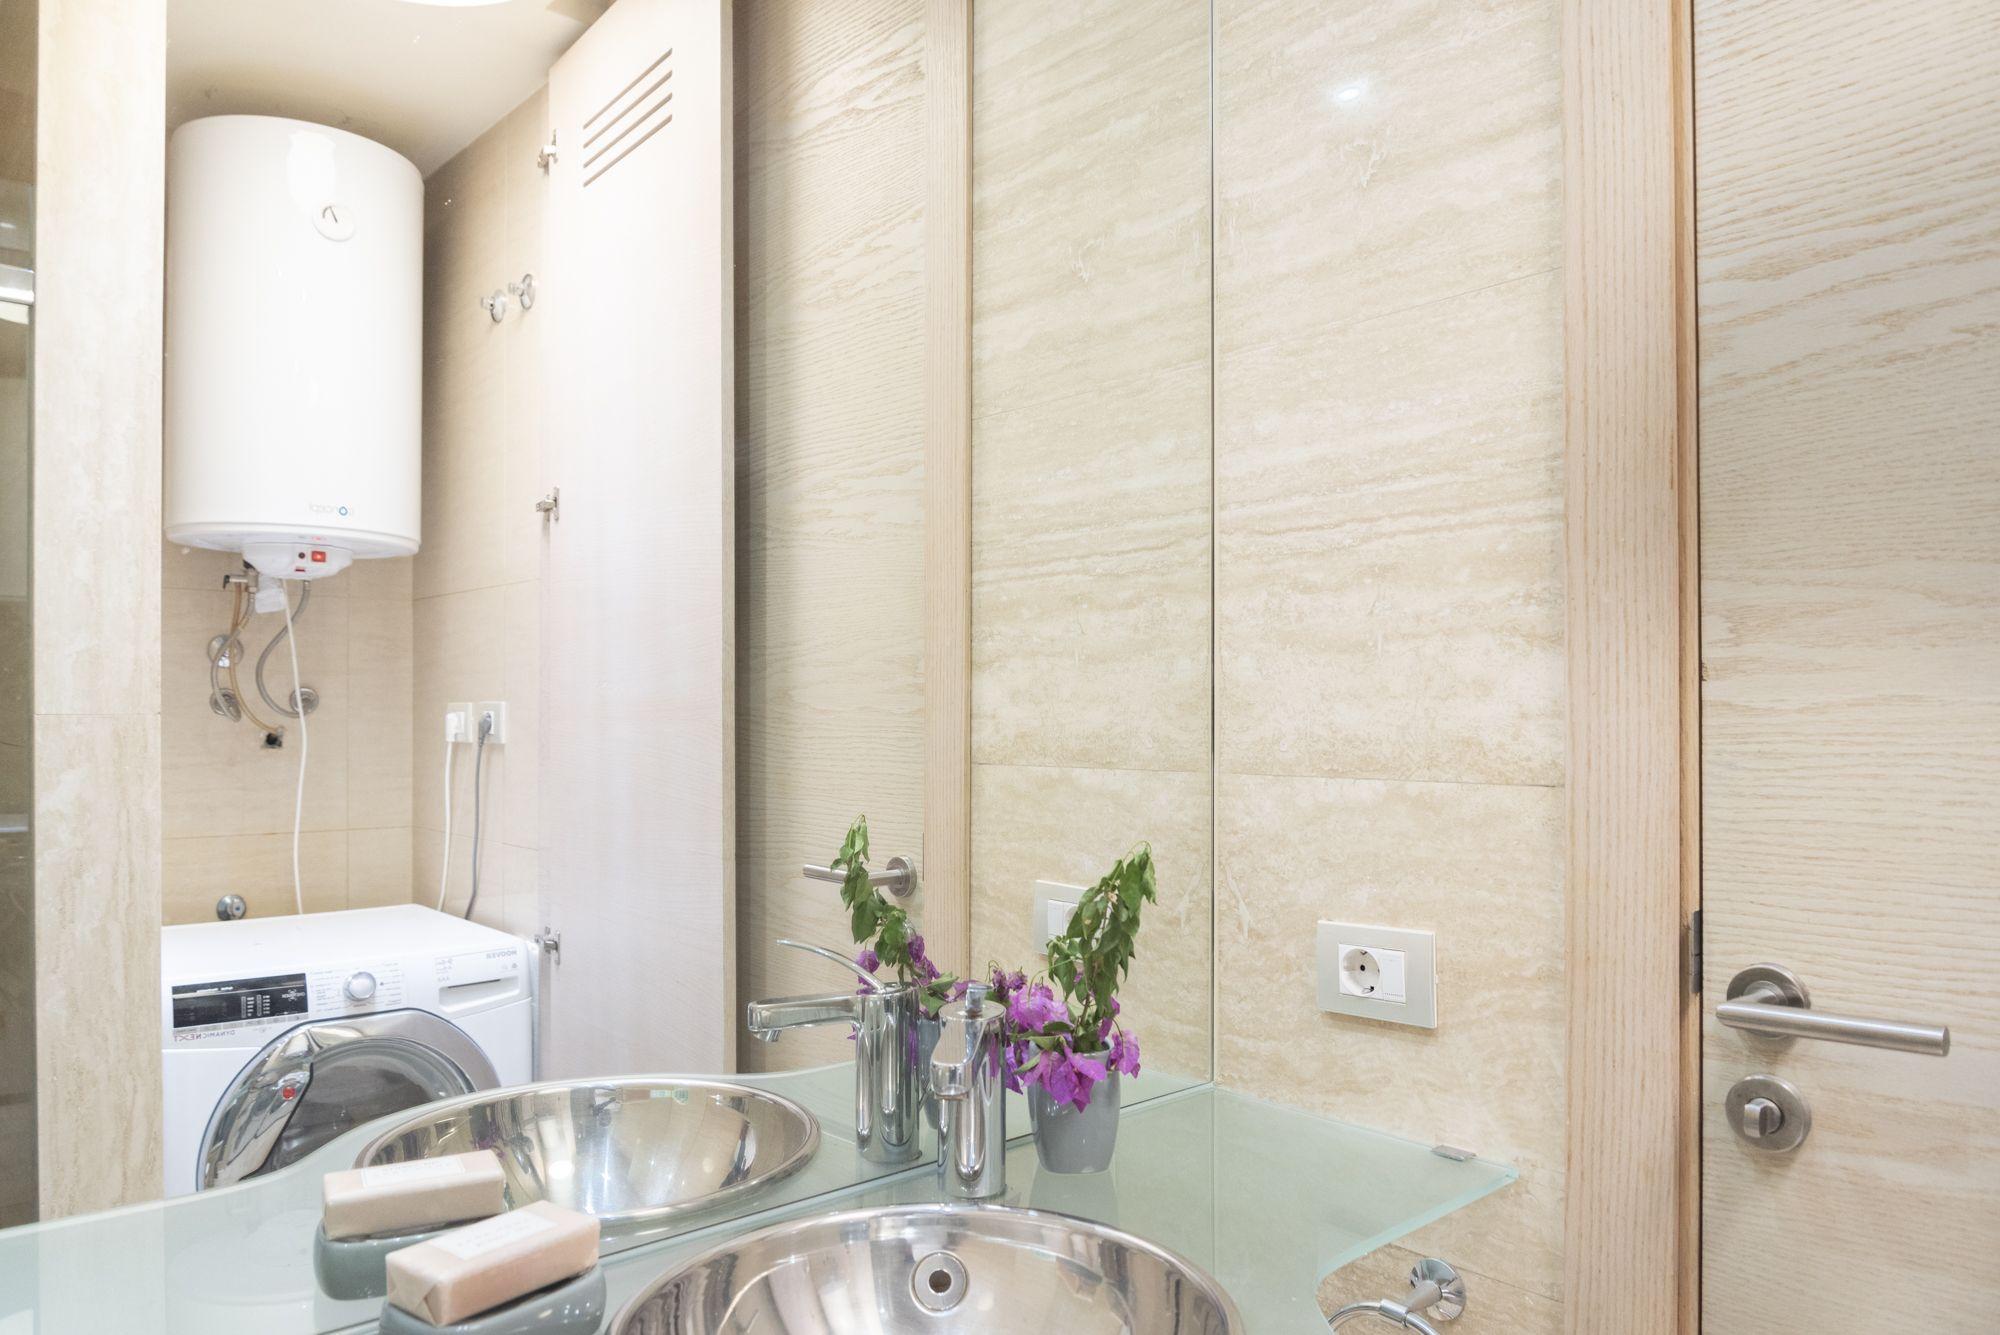 Edificio ARTHE baño auxiliar - solana